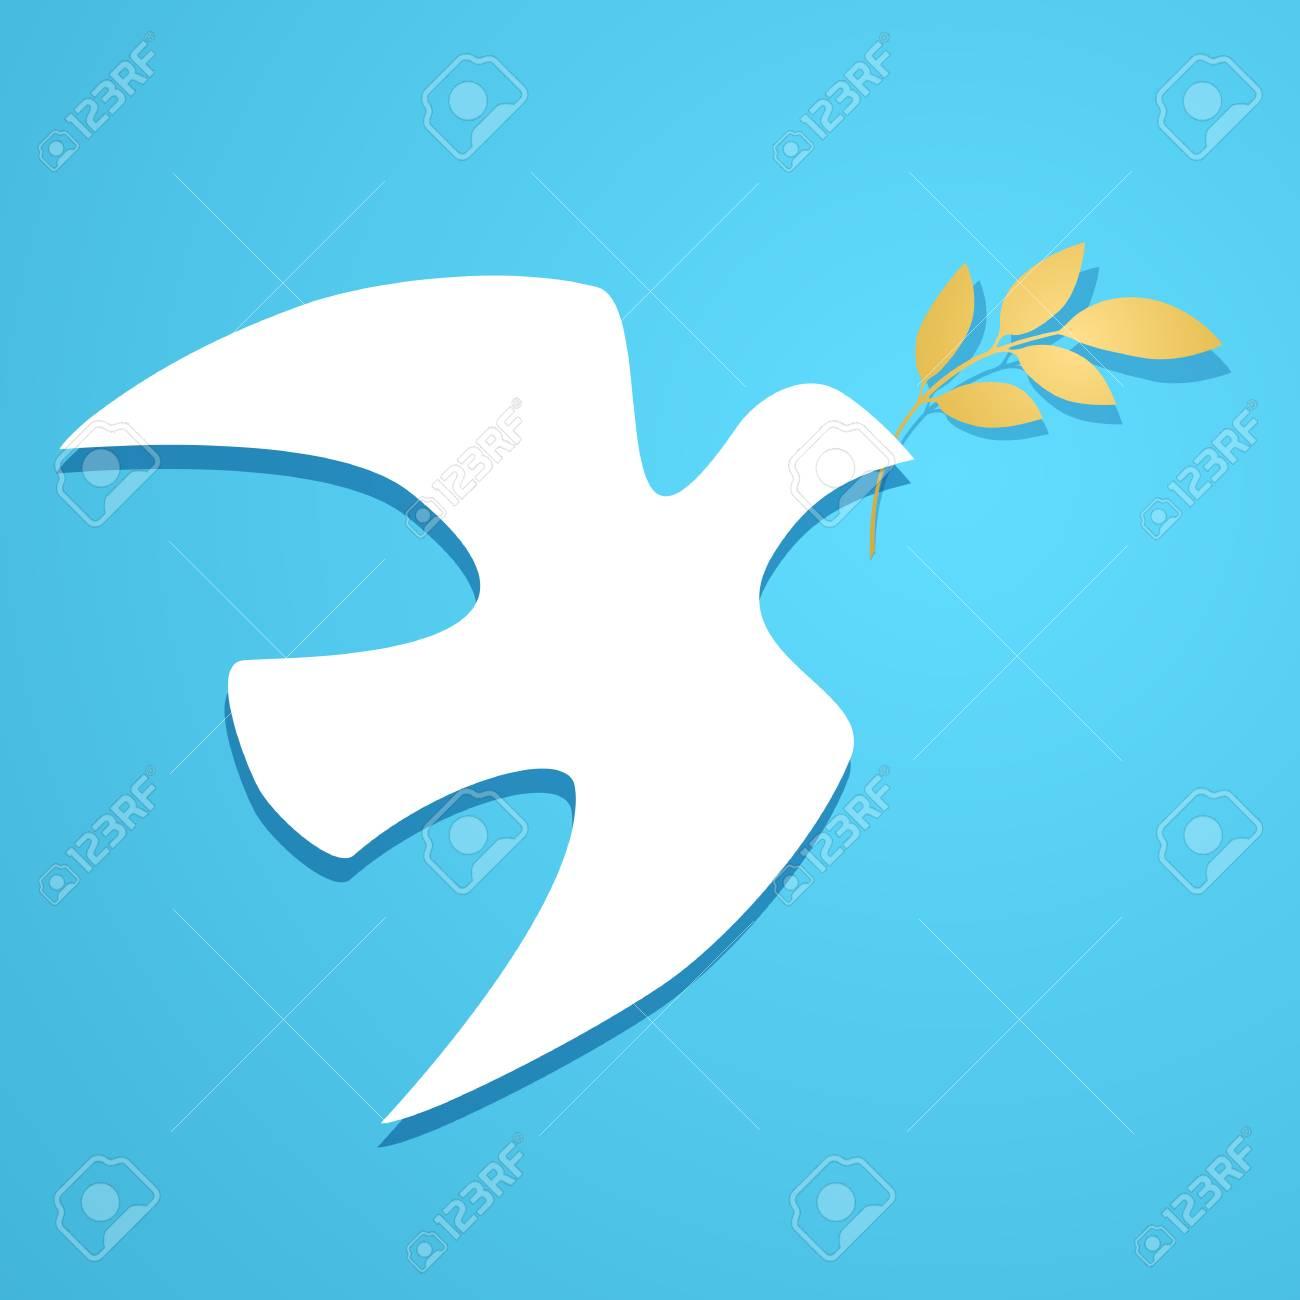 Schablone Friedenstaube 1 Medienwerkstatt